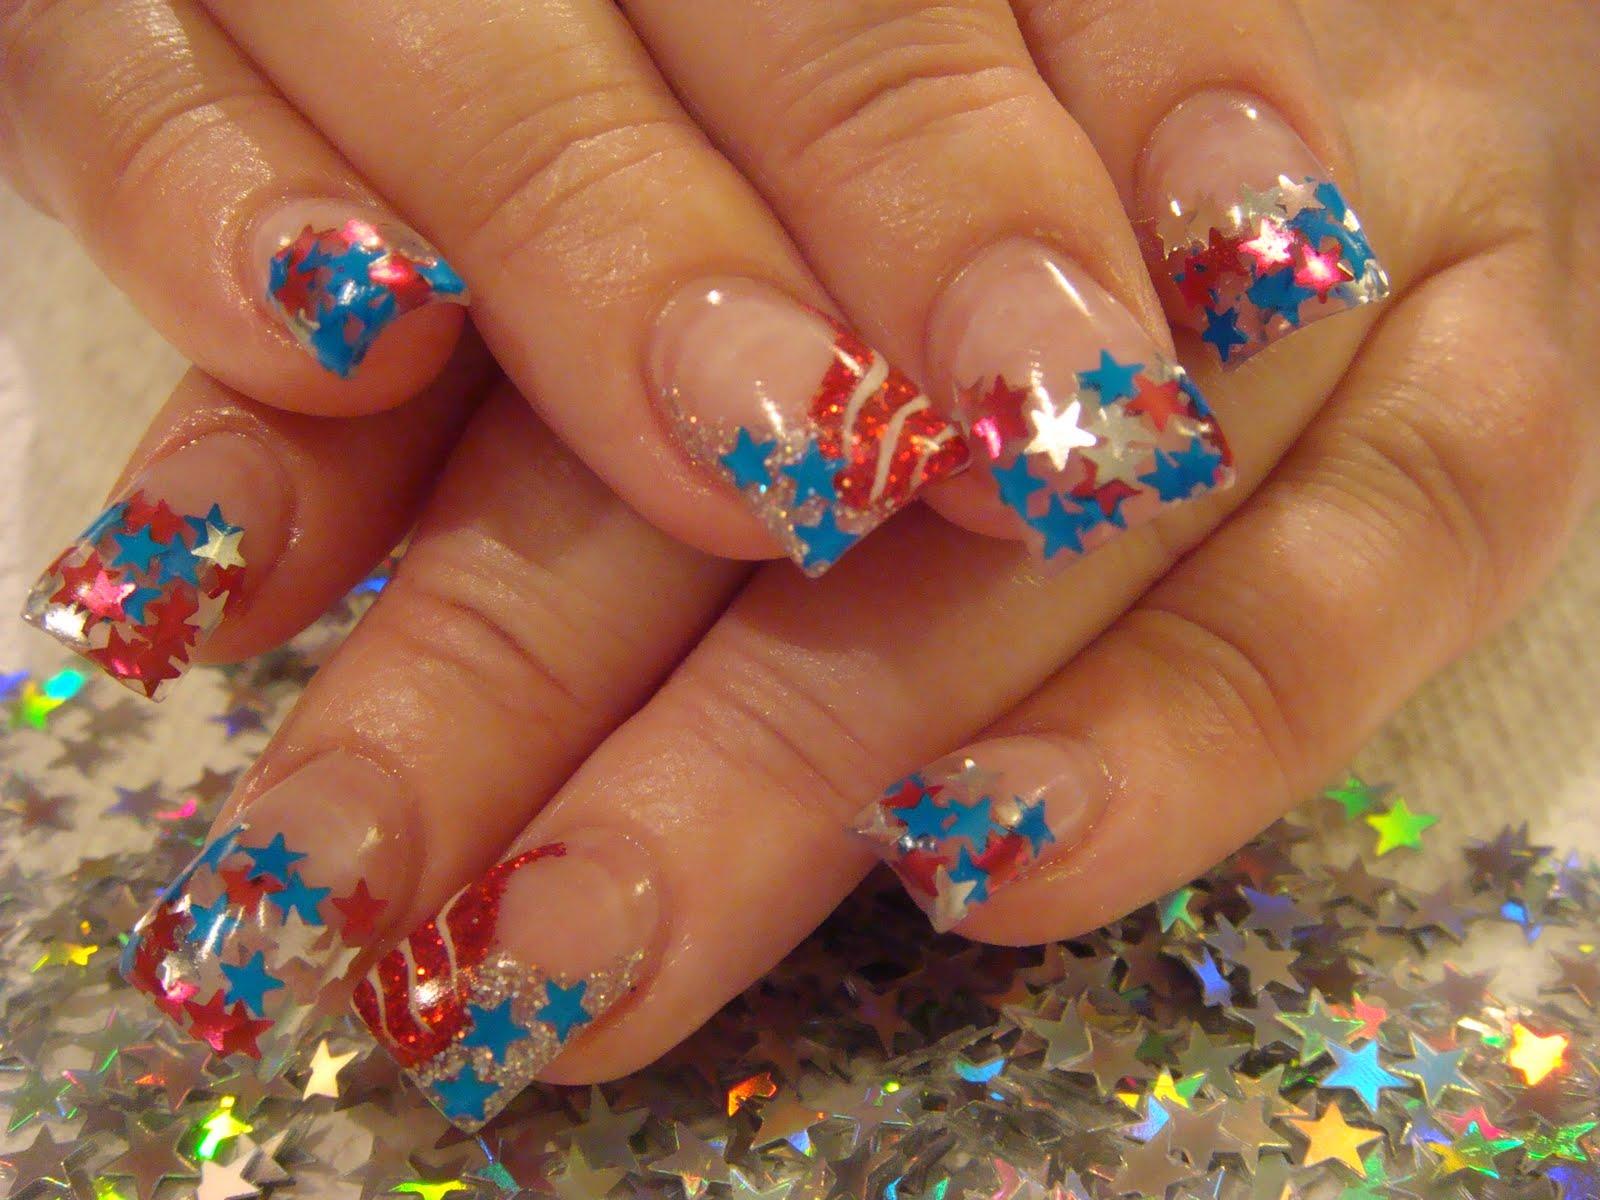 acrylic nails with stars photo - 1